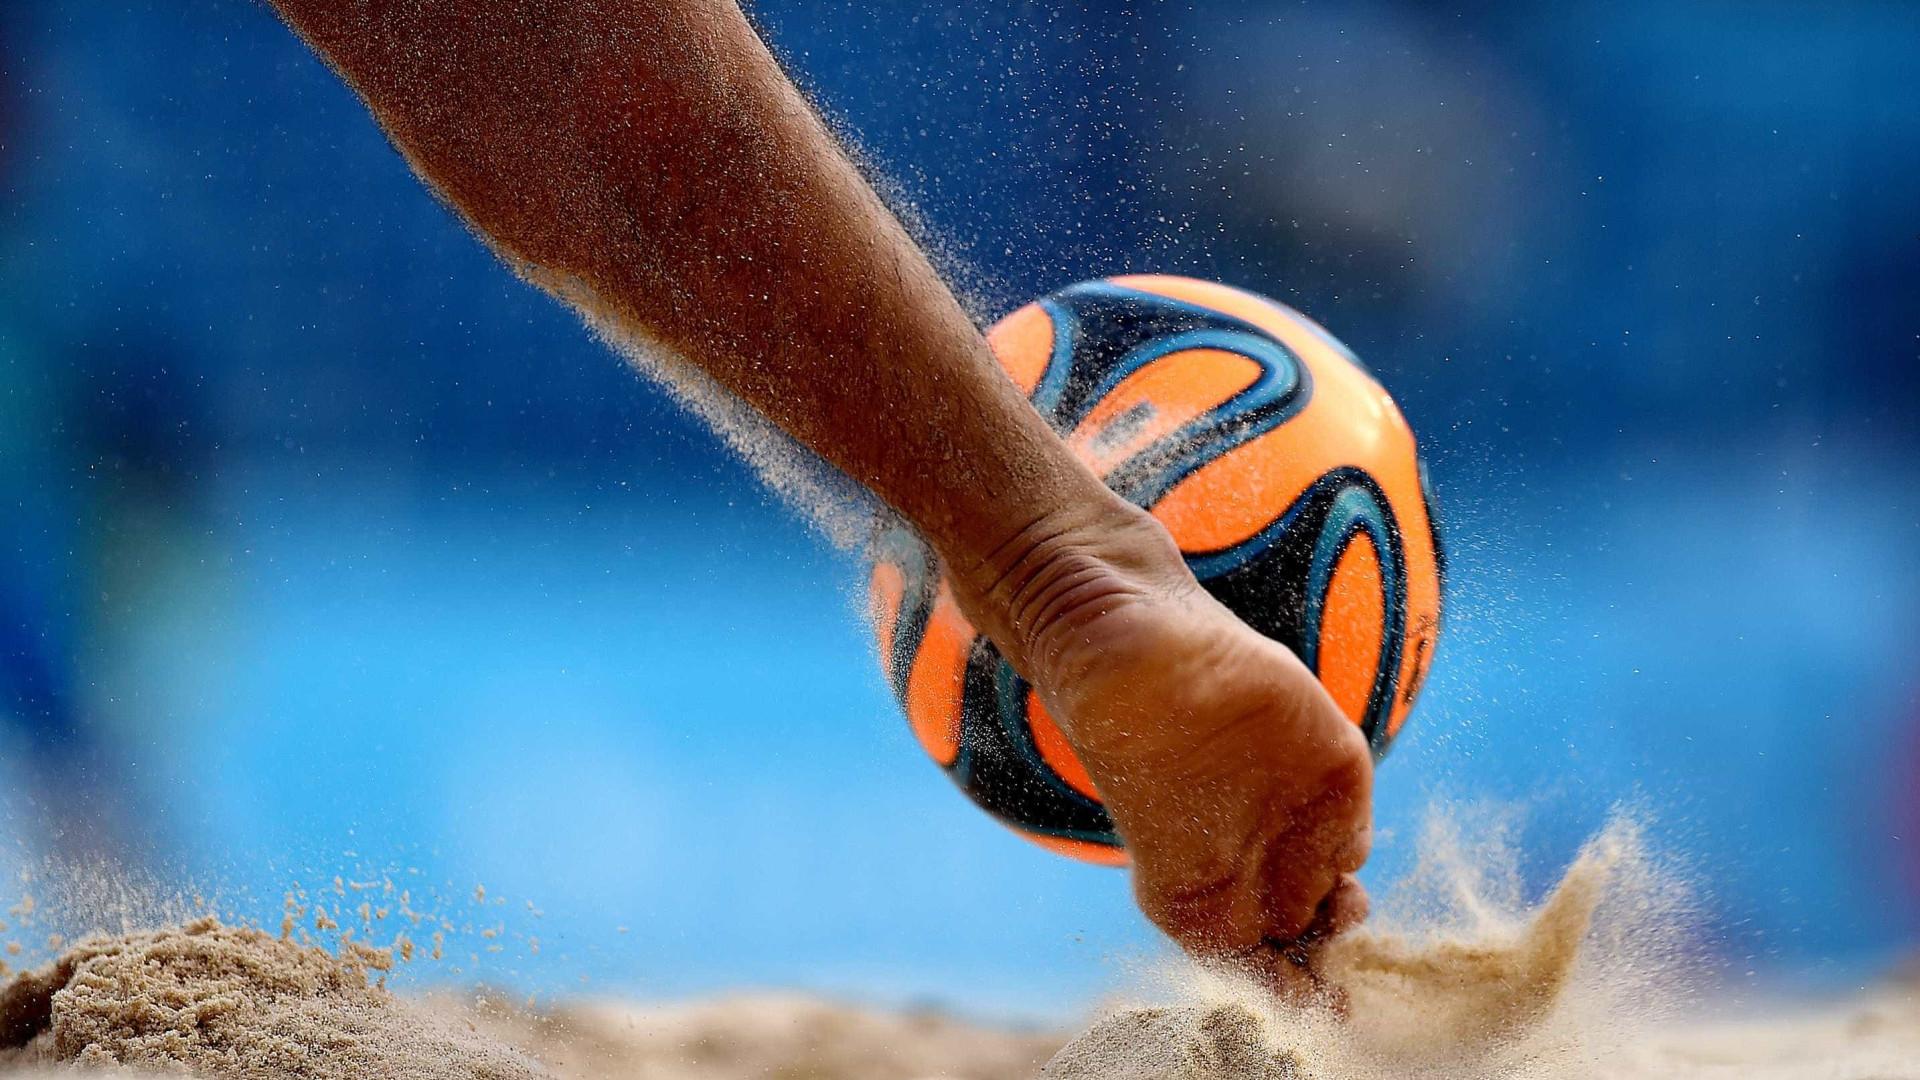 Andrade candidato a melhor guarda-redes de 2016 no futebol de praia